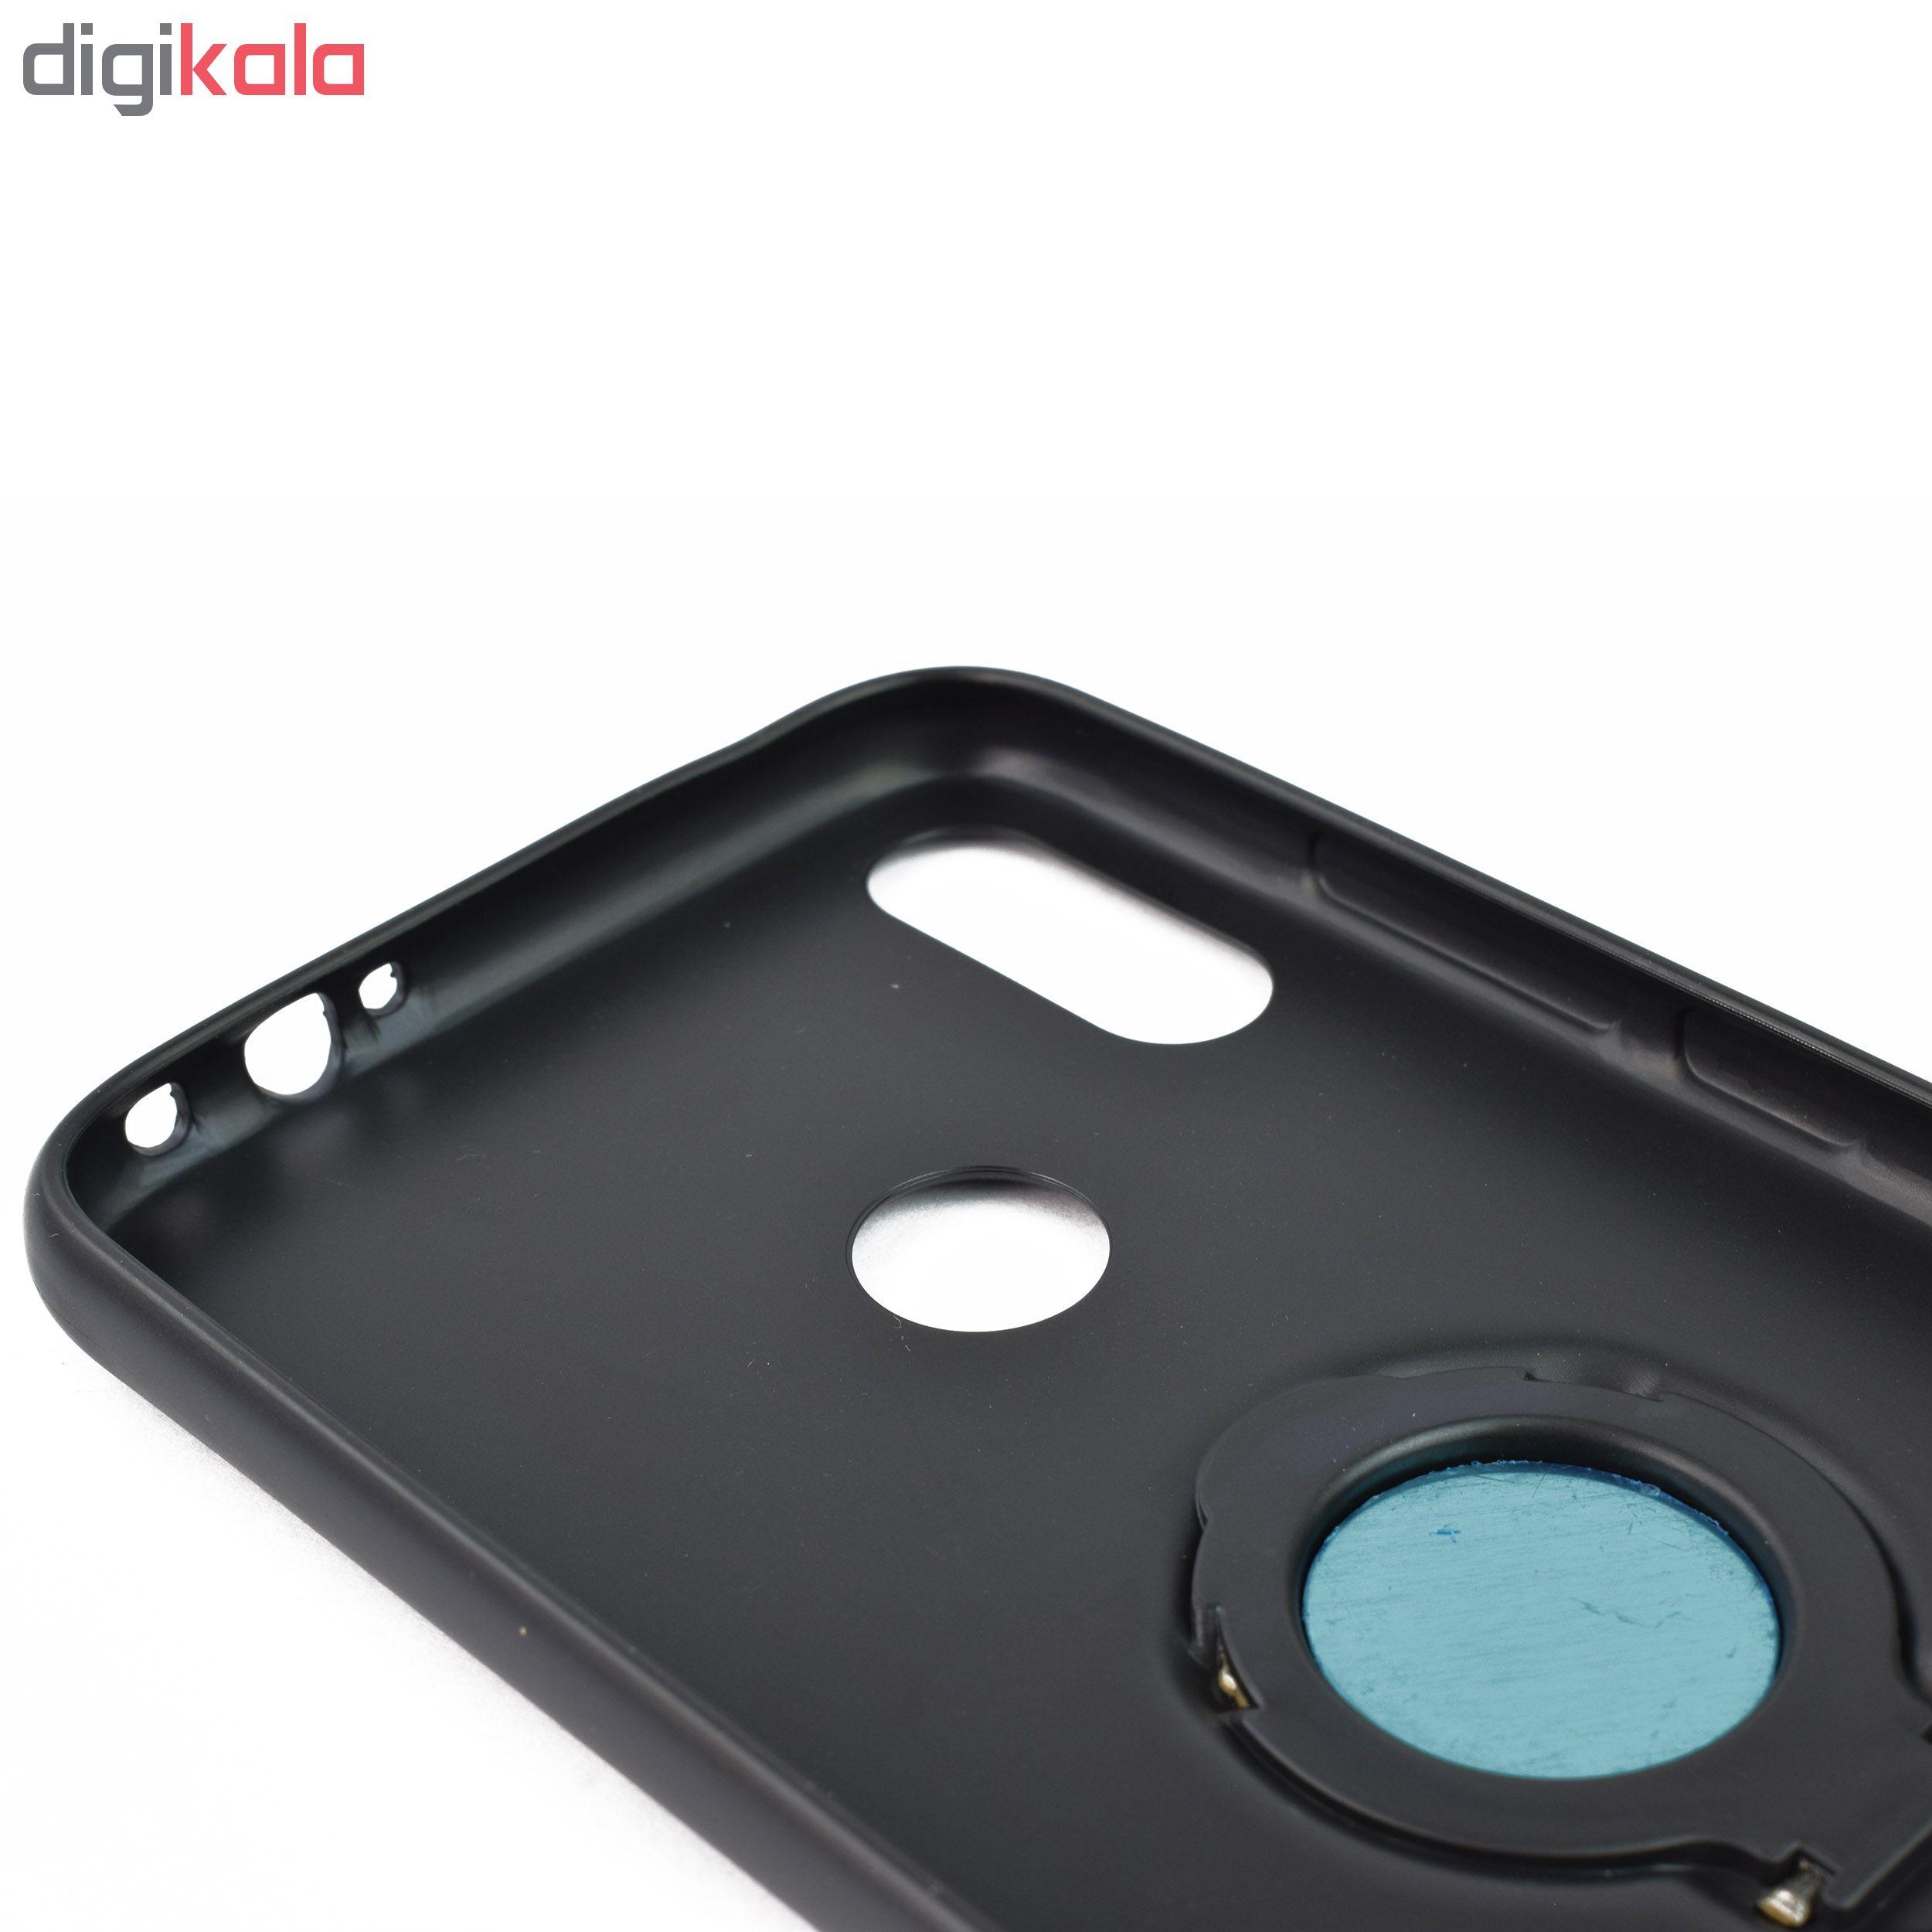 کاور آی فیس مدل IF30 مناسب برای گوشی موبایل شیائومی Redmi Note 7 / Note 7 Pro main 1 15